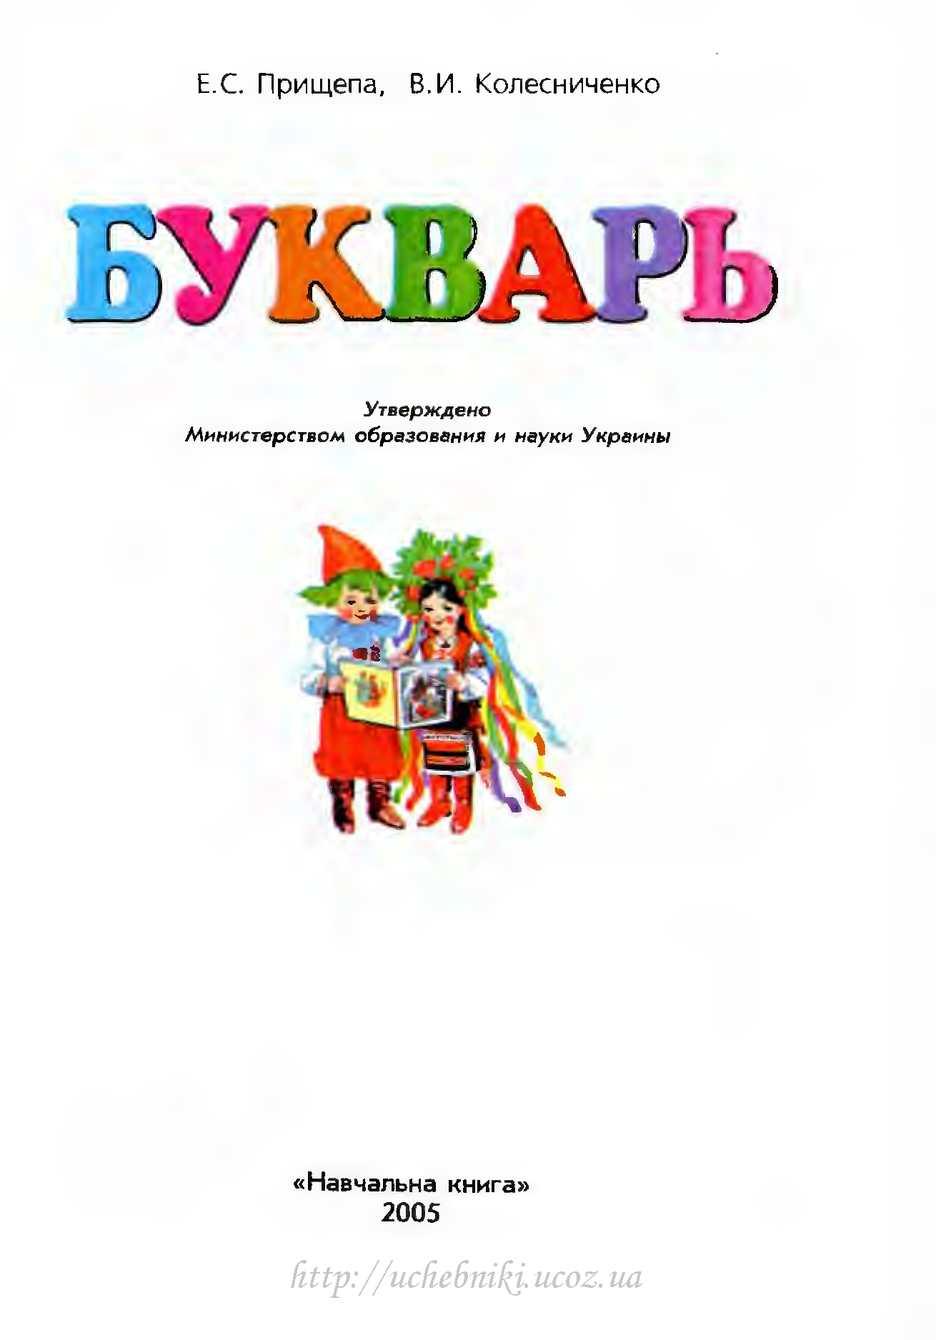 Bukvar_1_Prischepa_rus